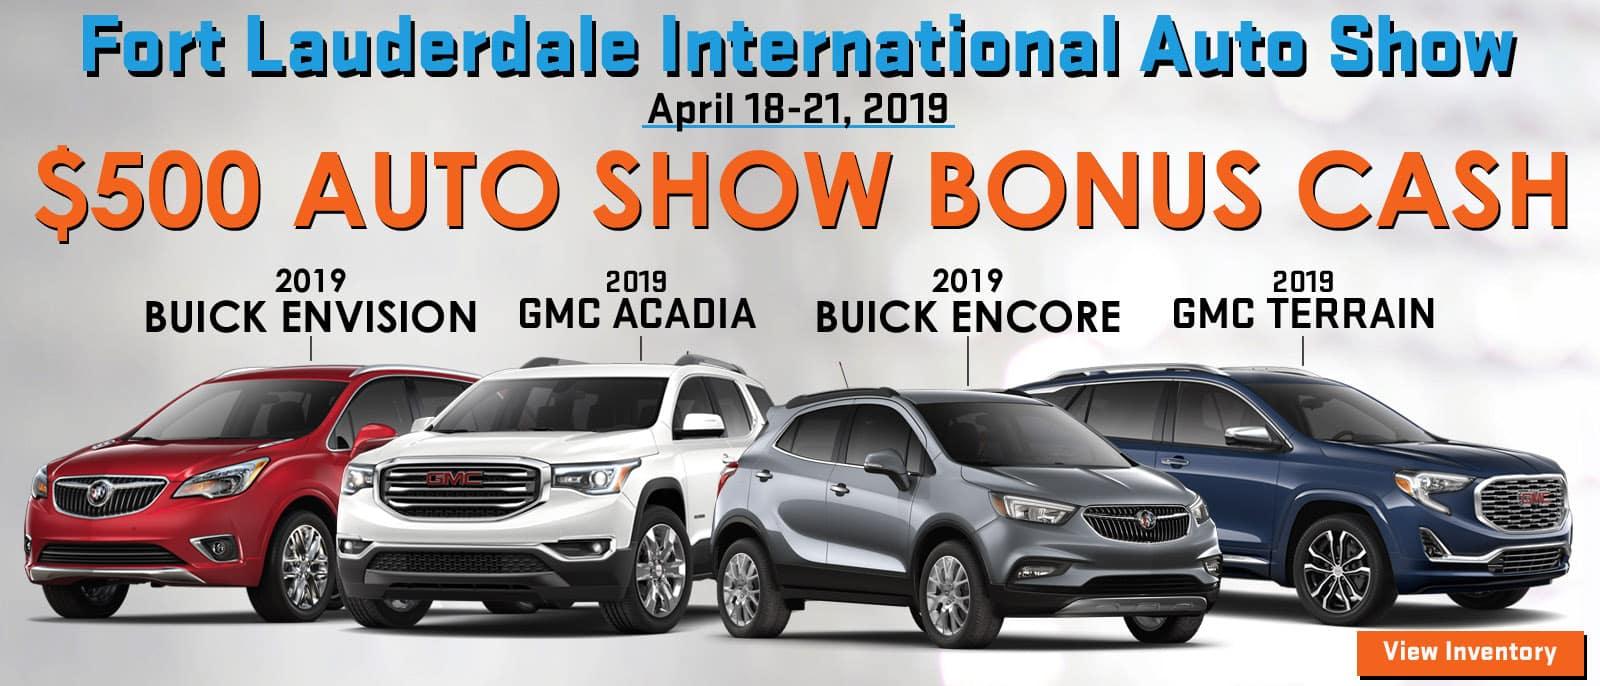 Fort Lauderdale Auto show